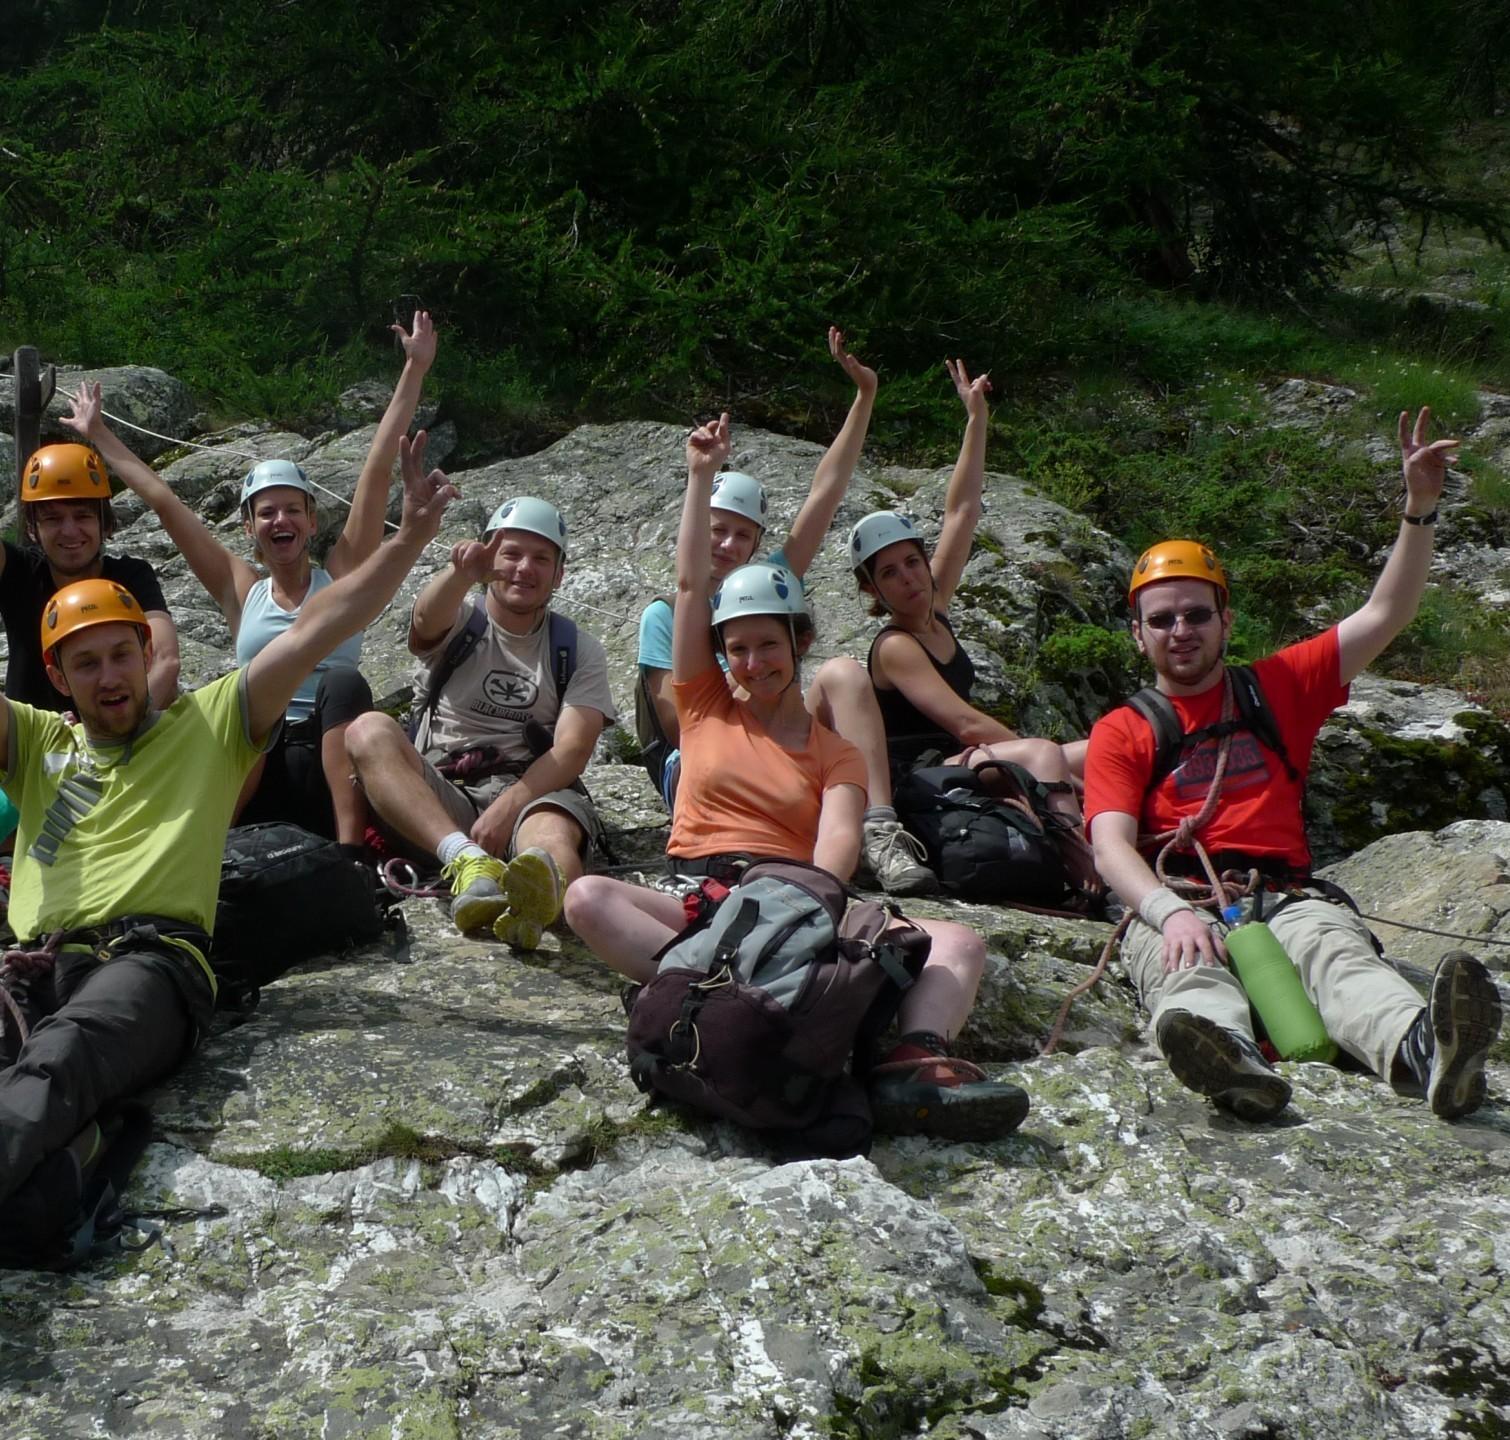 le groupe au top après une via ferrata durant le stage grande voie multi-activités